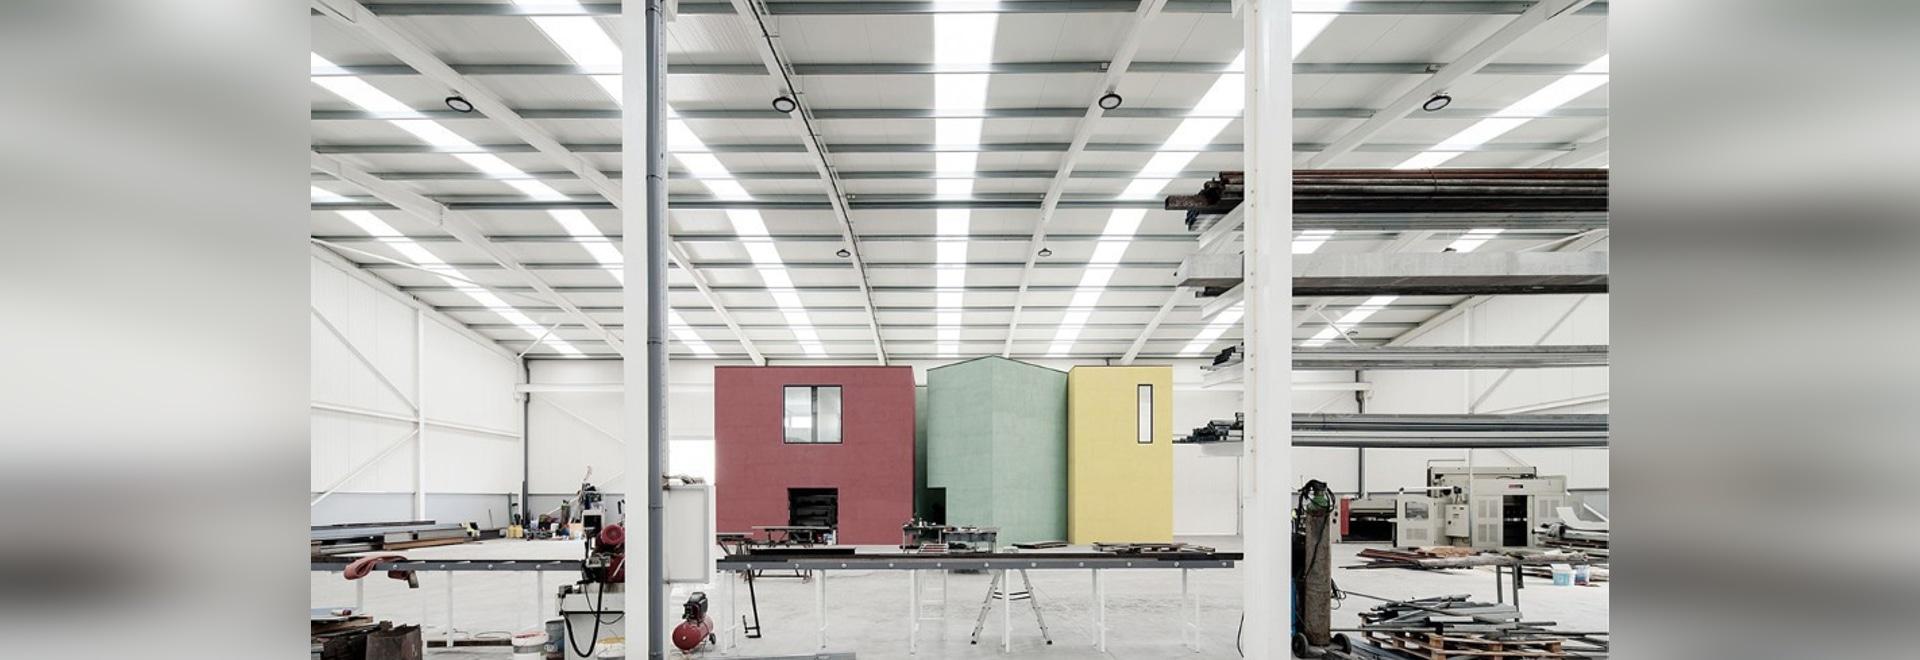 El almacén de acero acanalado incluye edificios de oficinas coloridos en Portugal